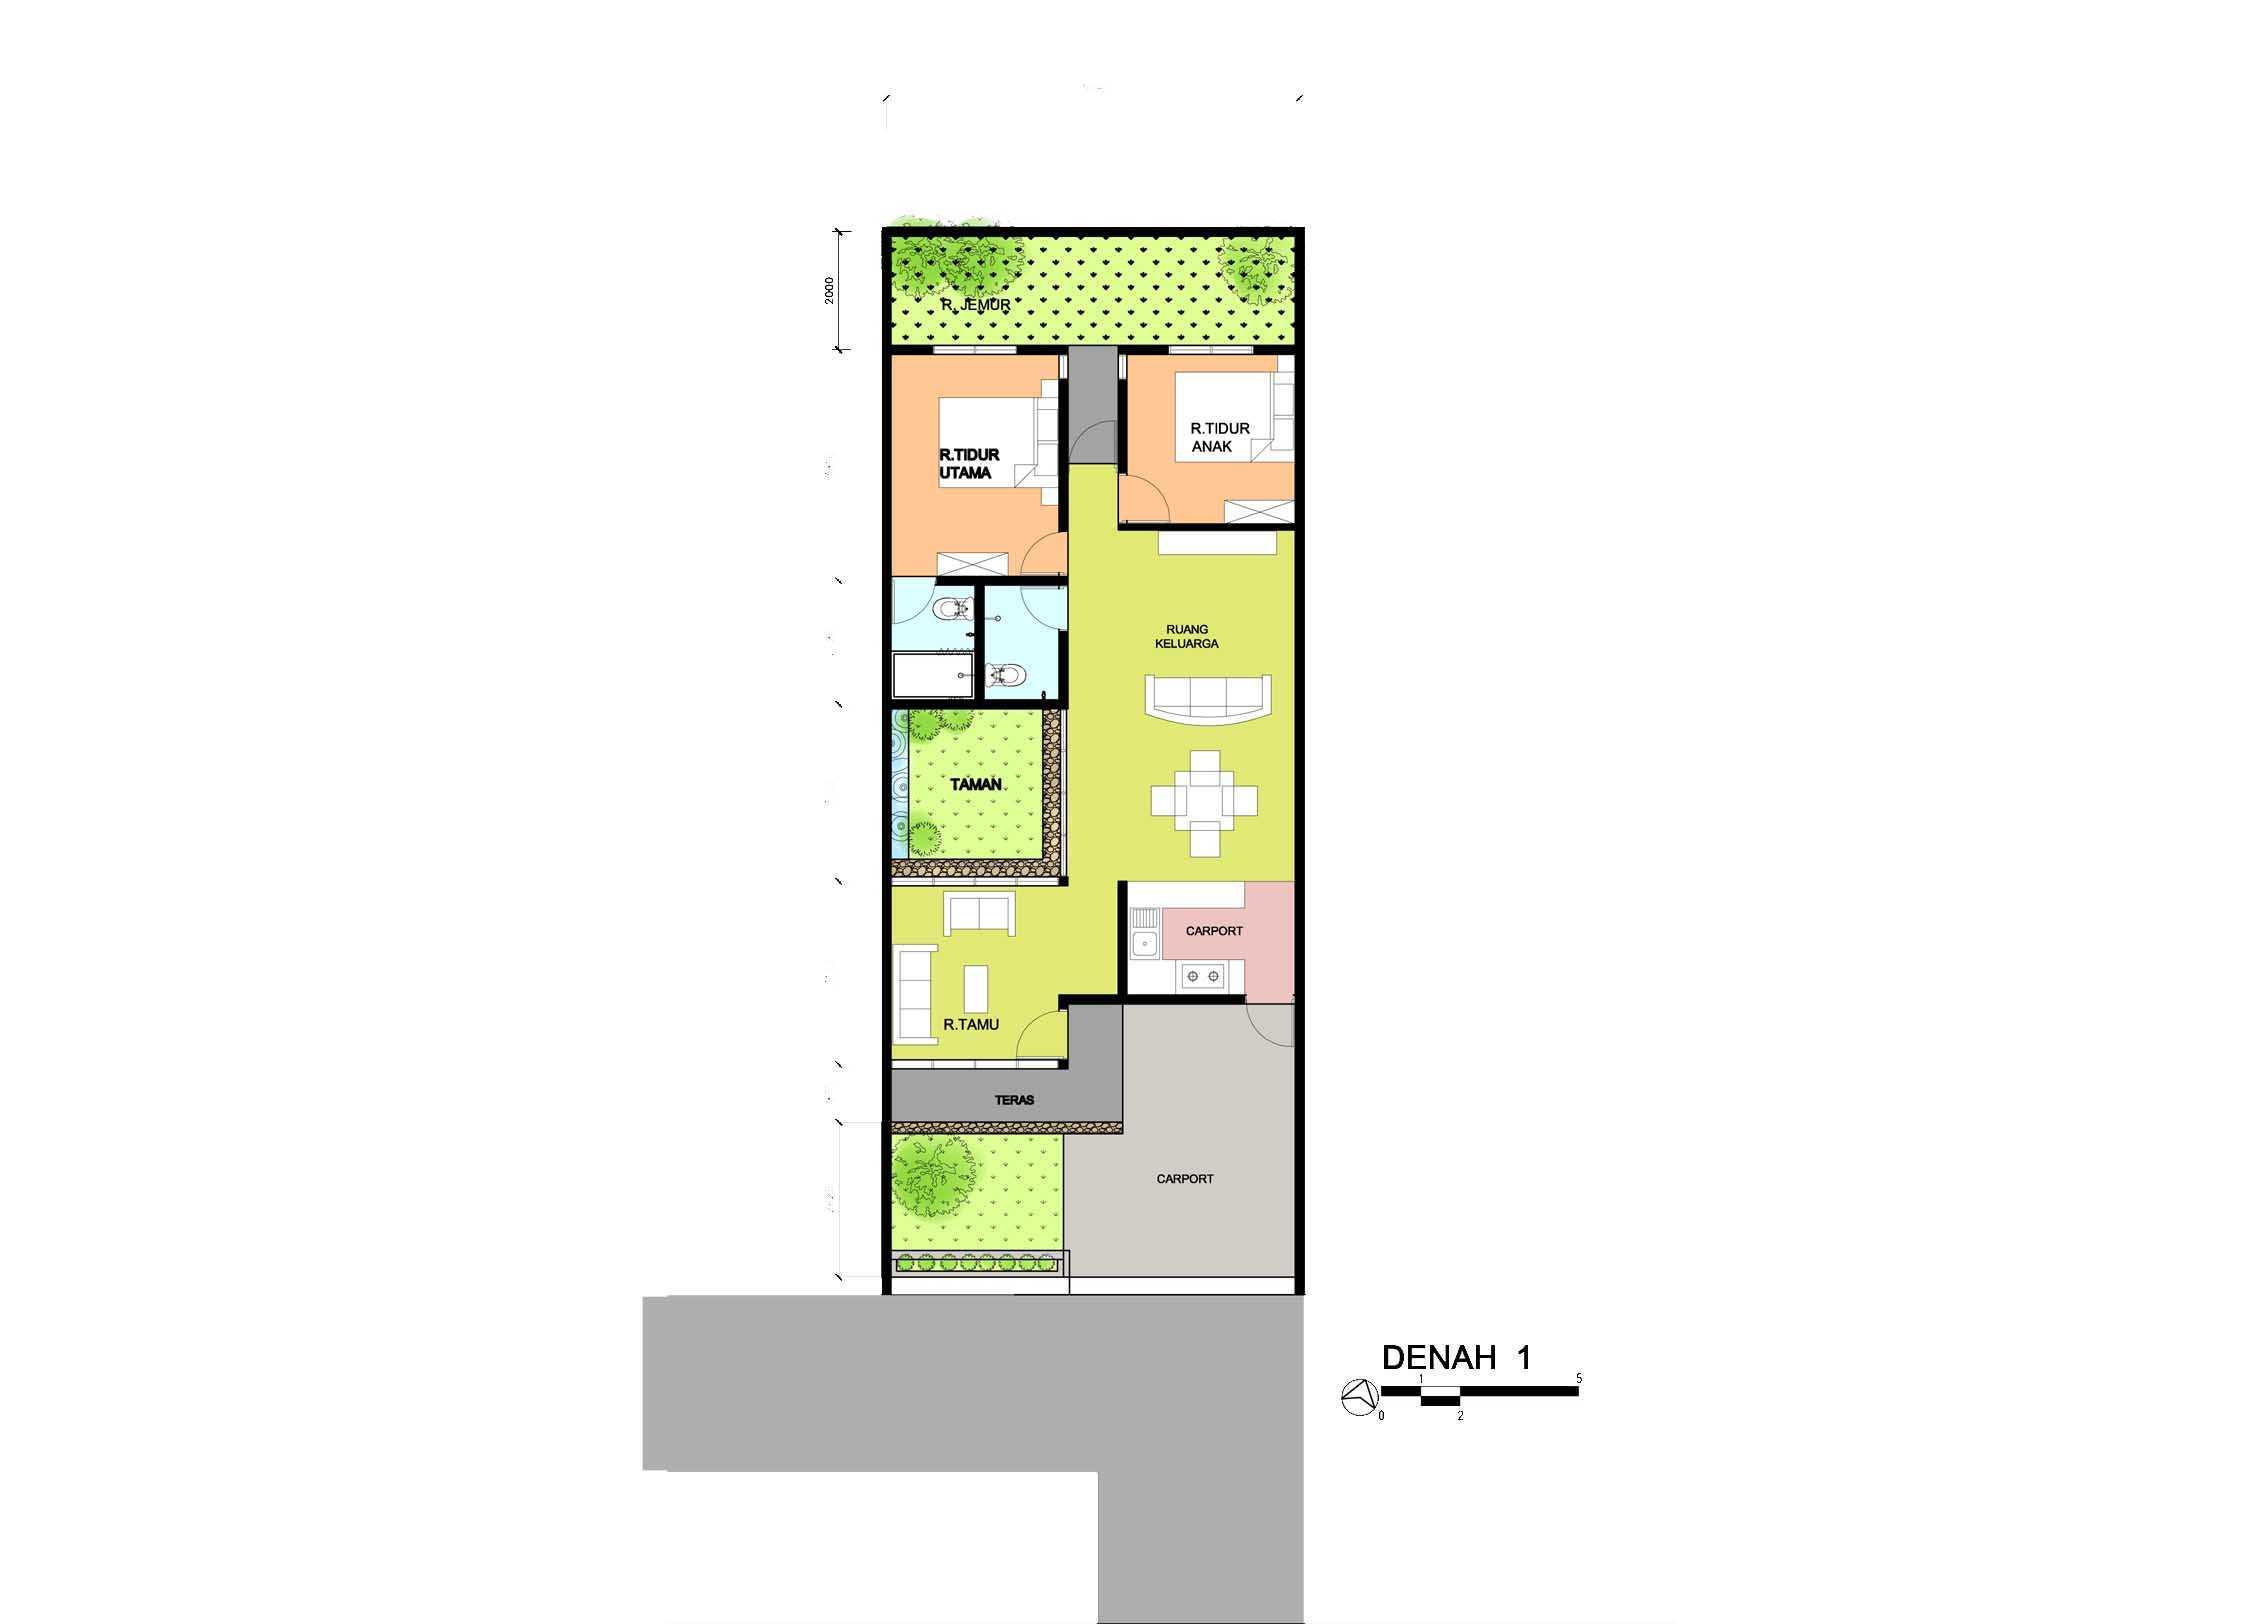 Yulius Gilang Architecture Design Studio Rumah Keruing  Semarang, Kota Semarang, Jawa Tengah, Indonesia Semarang, Kota Semarang, Jawa Tengah, Indonesia Siteplan   47309